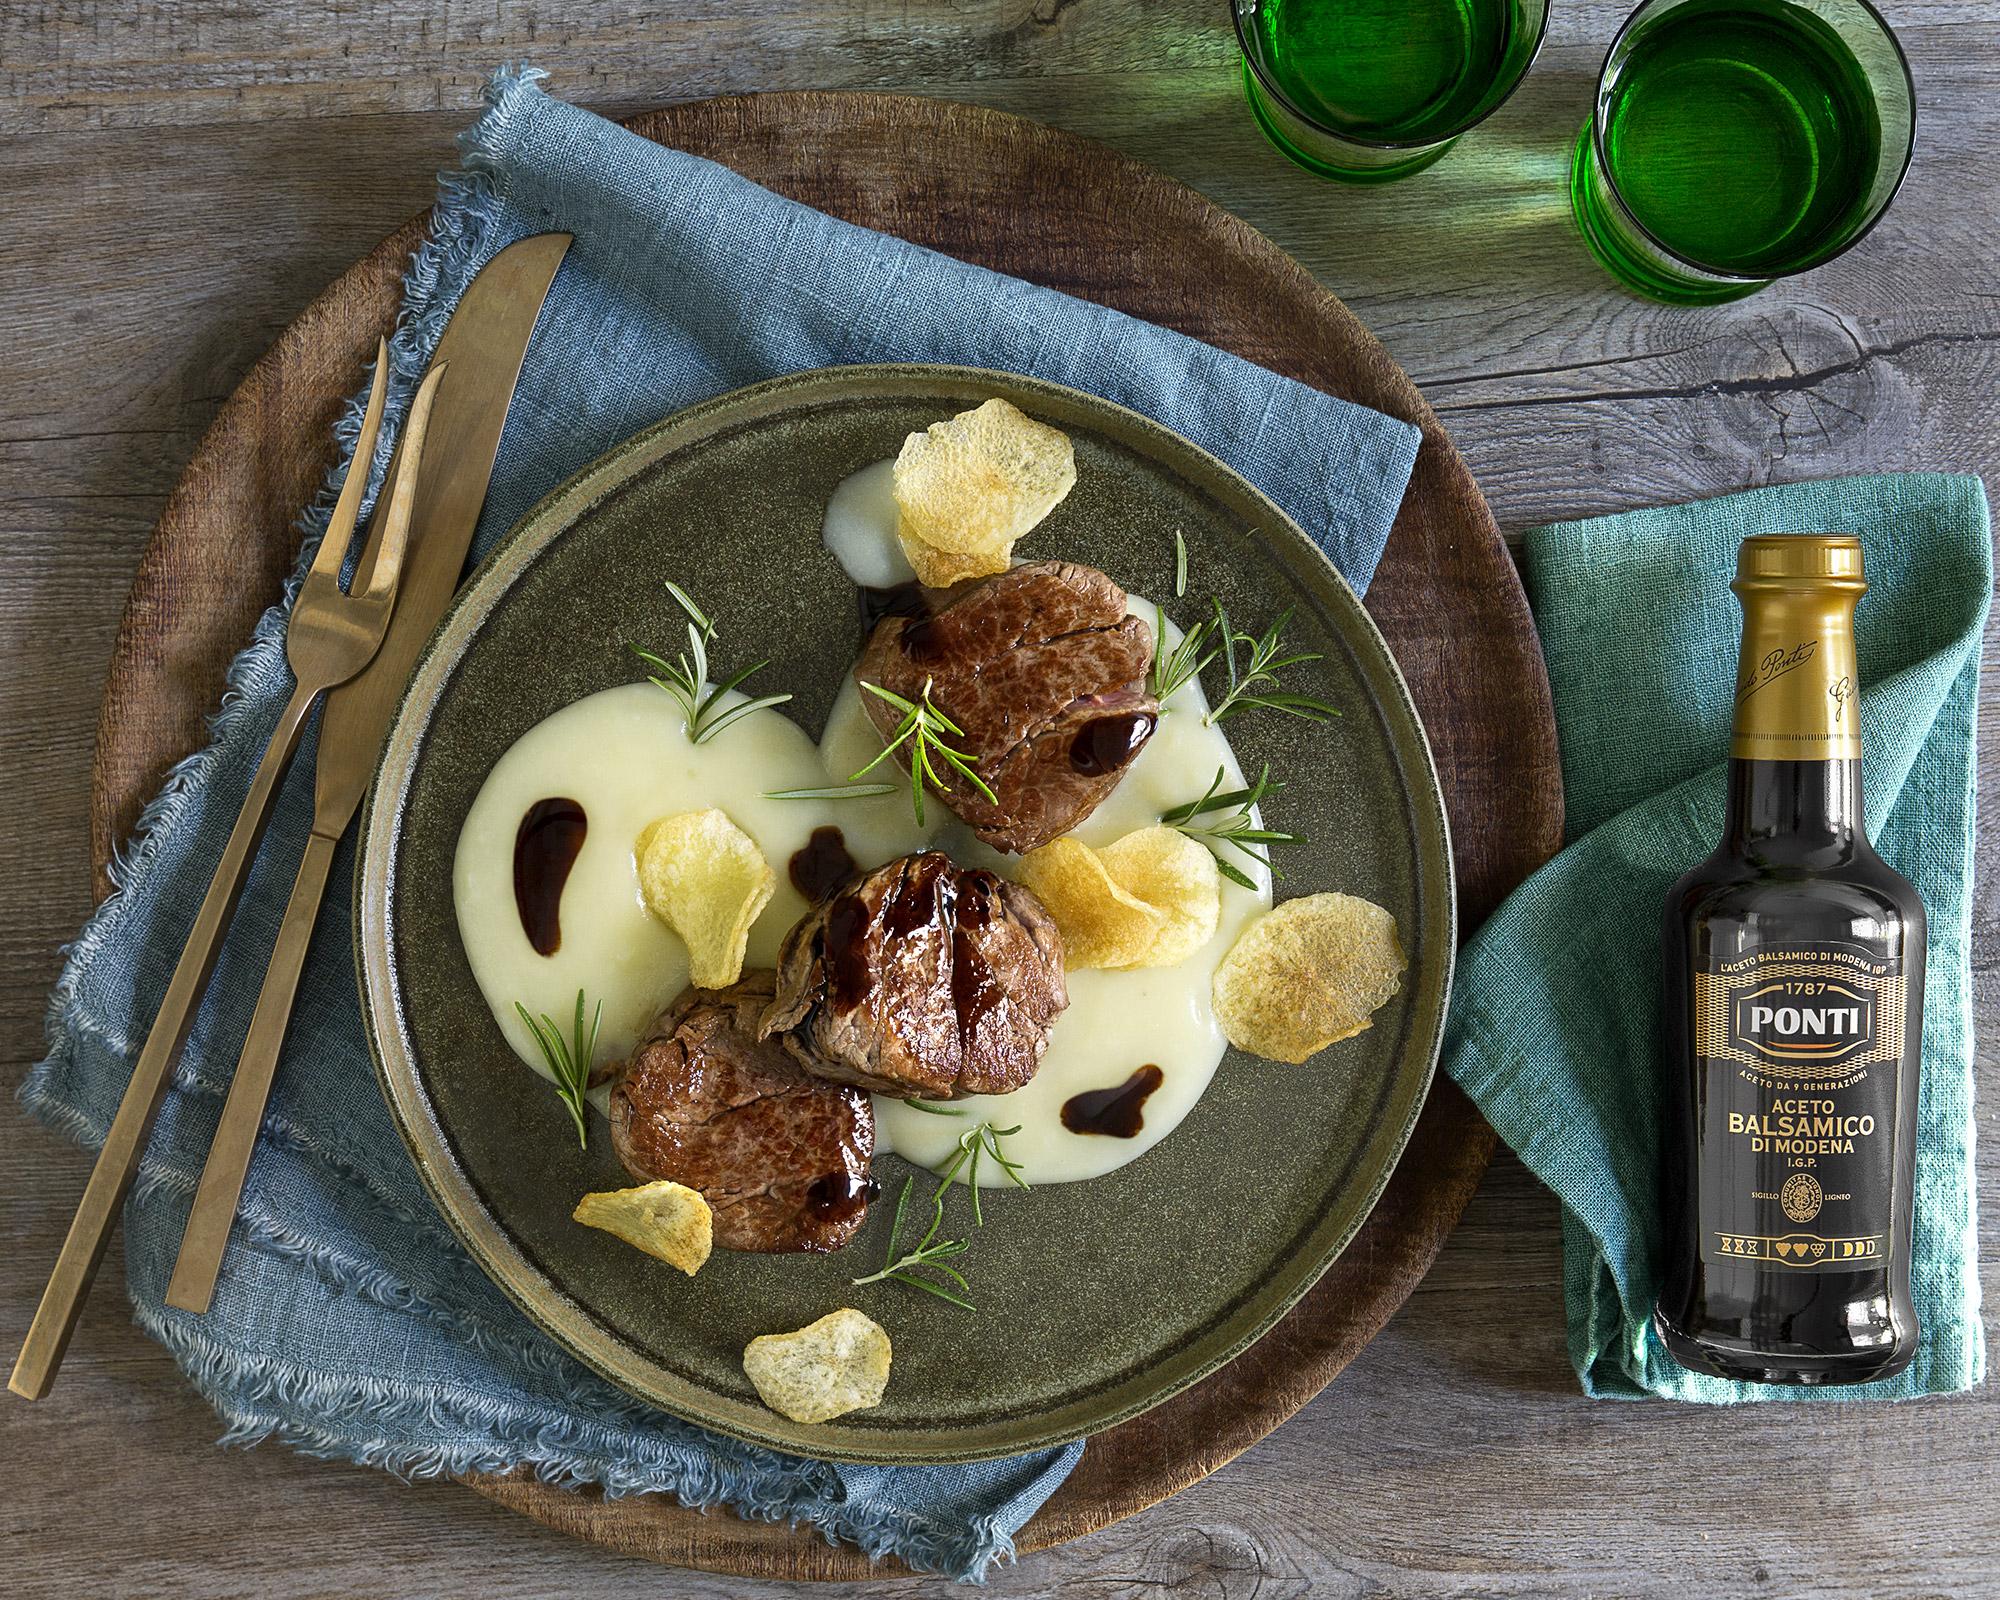 Filetto di manzo con crema di patate al rosmarino e aceto balsamico - Ponti